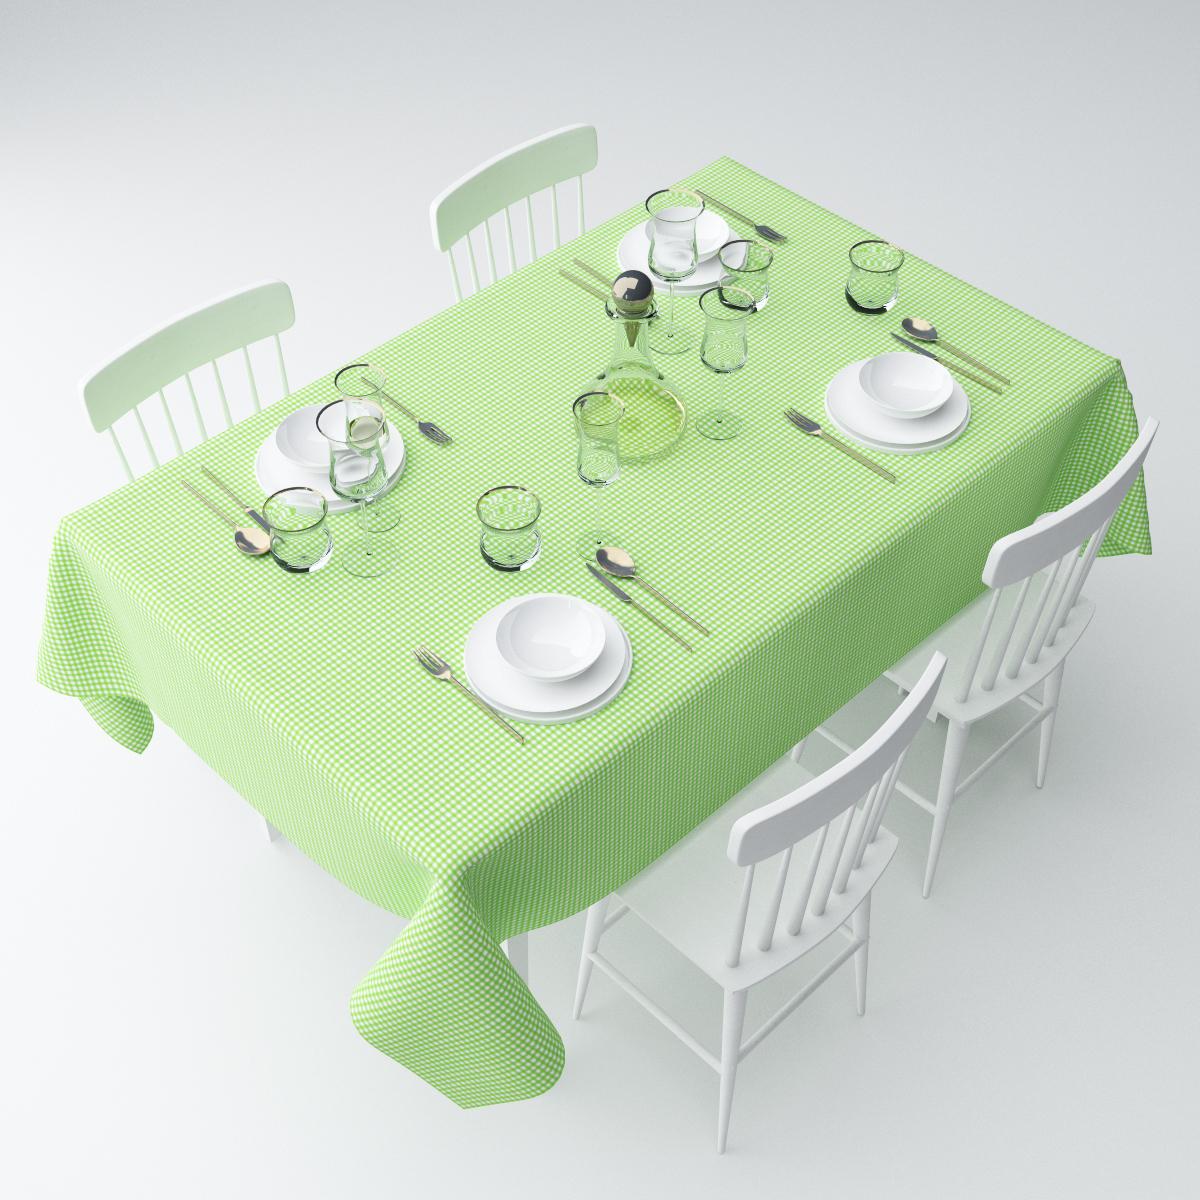 """Скатерть Сирень """"Зеленая клетка"""", прямоугольная, 145 х 220 см"""